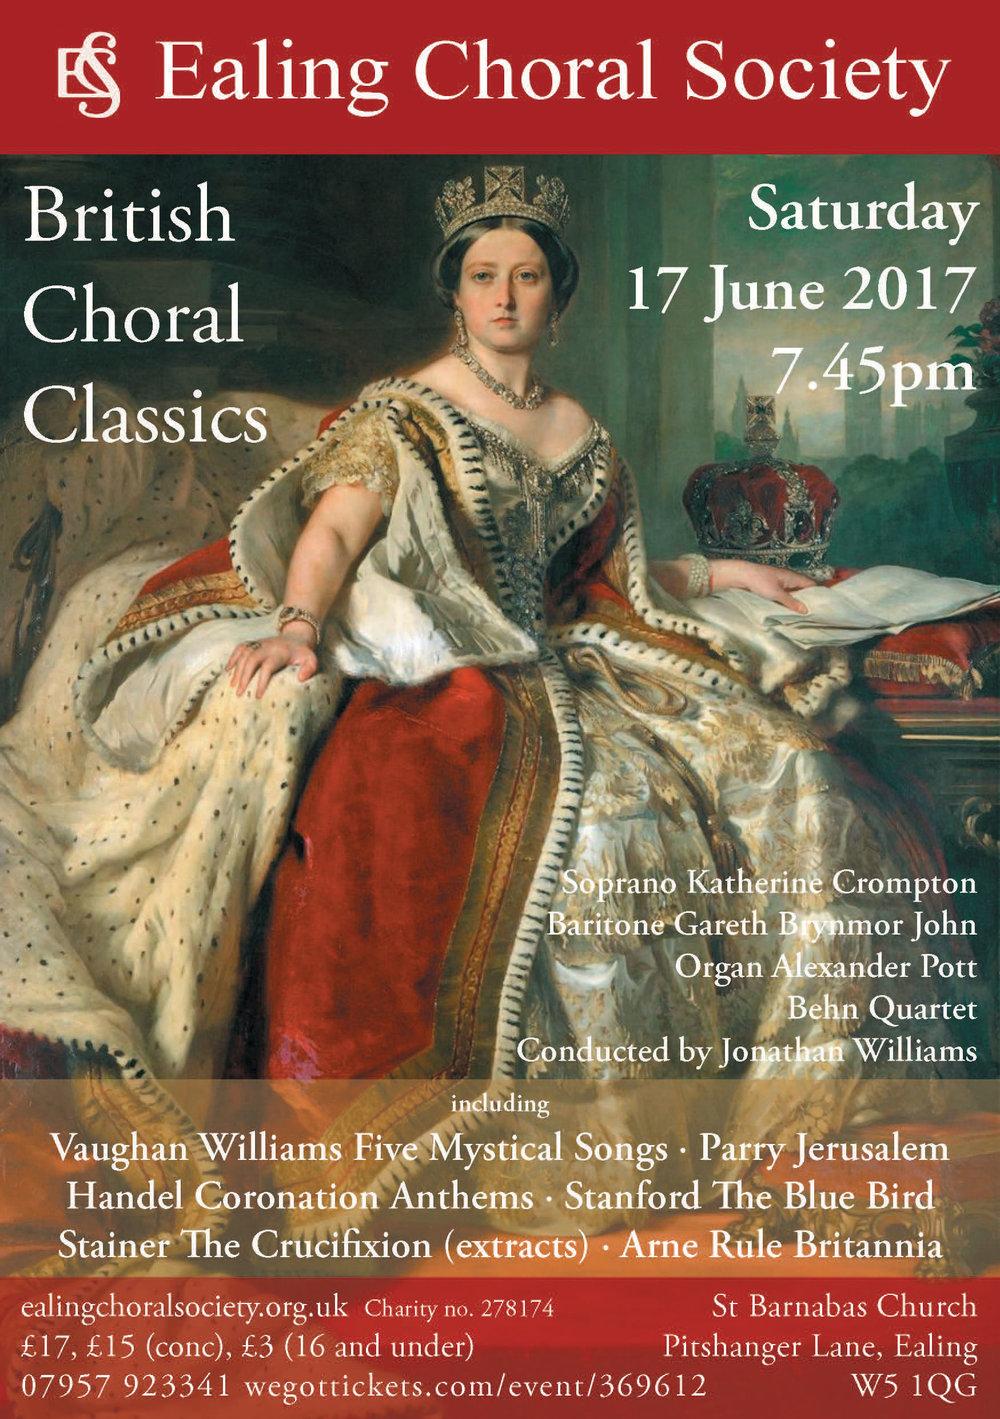 Ealing Choral Society British Choral Classics